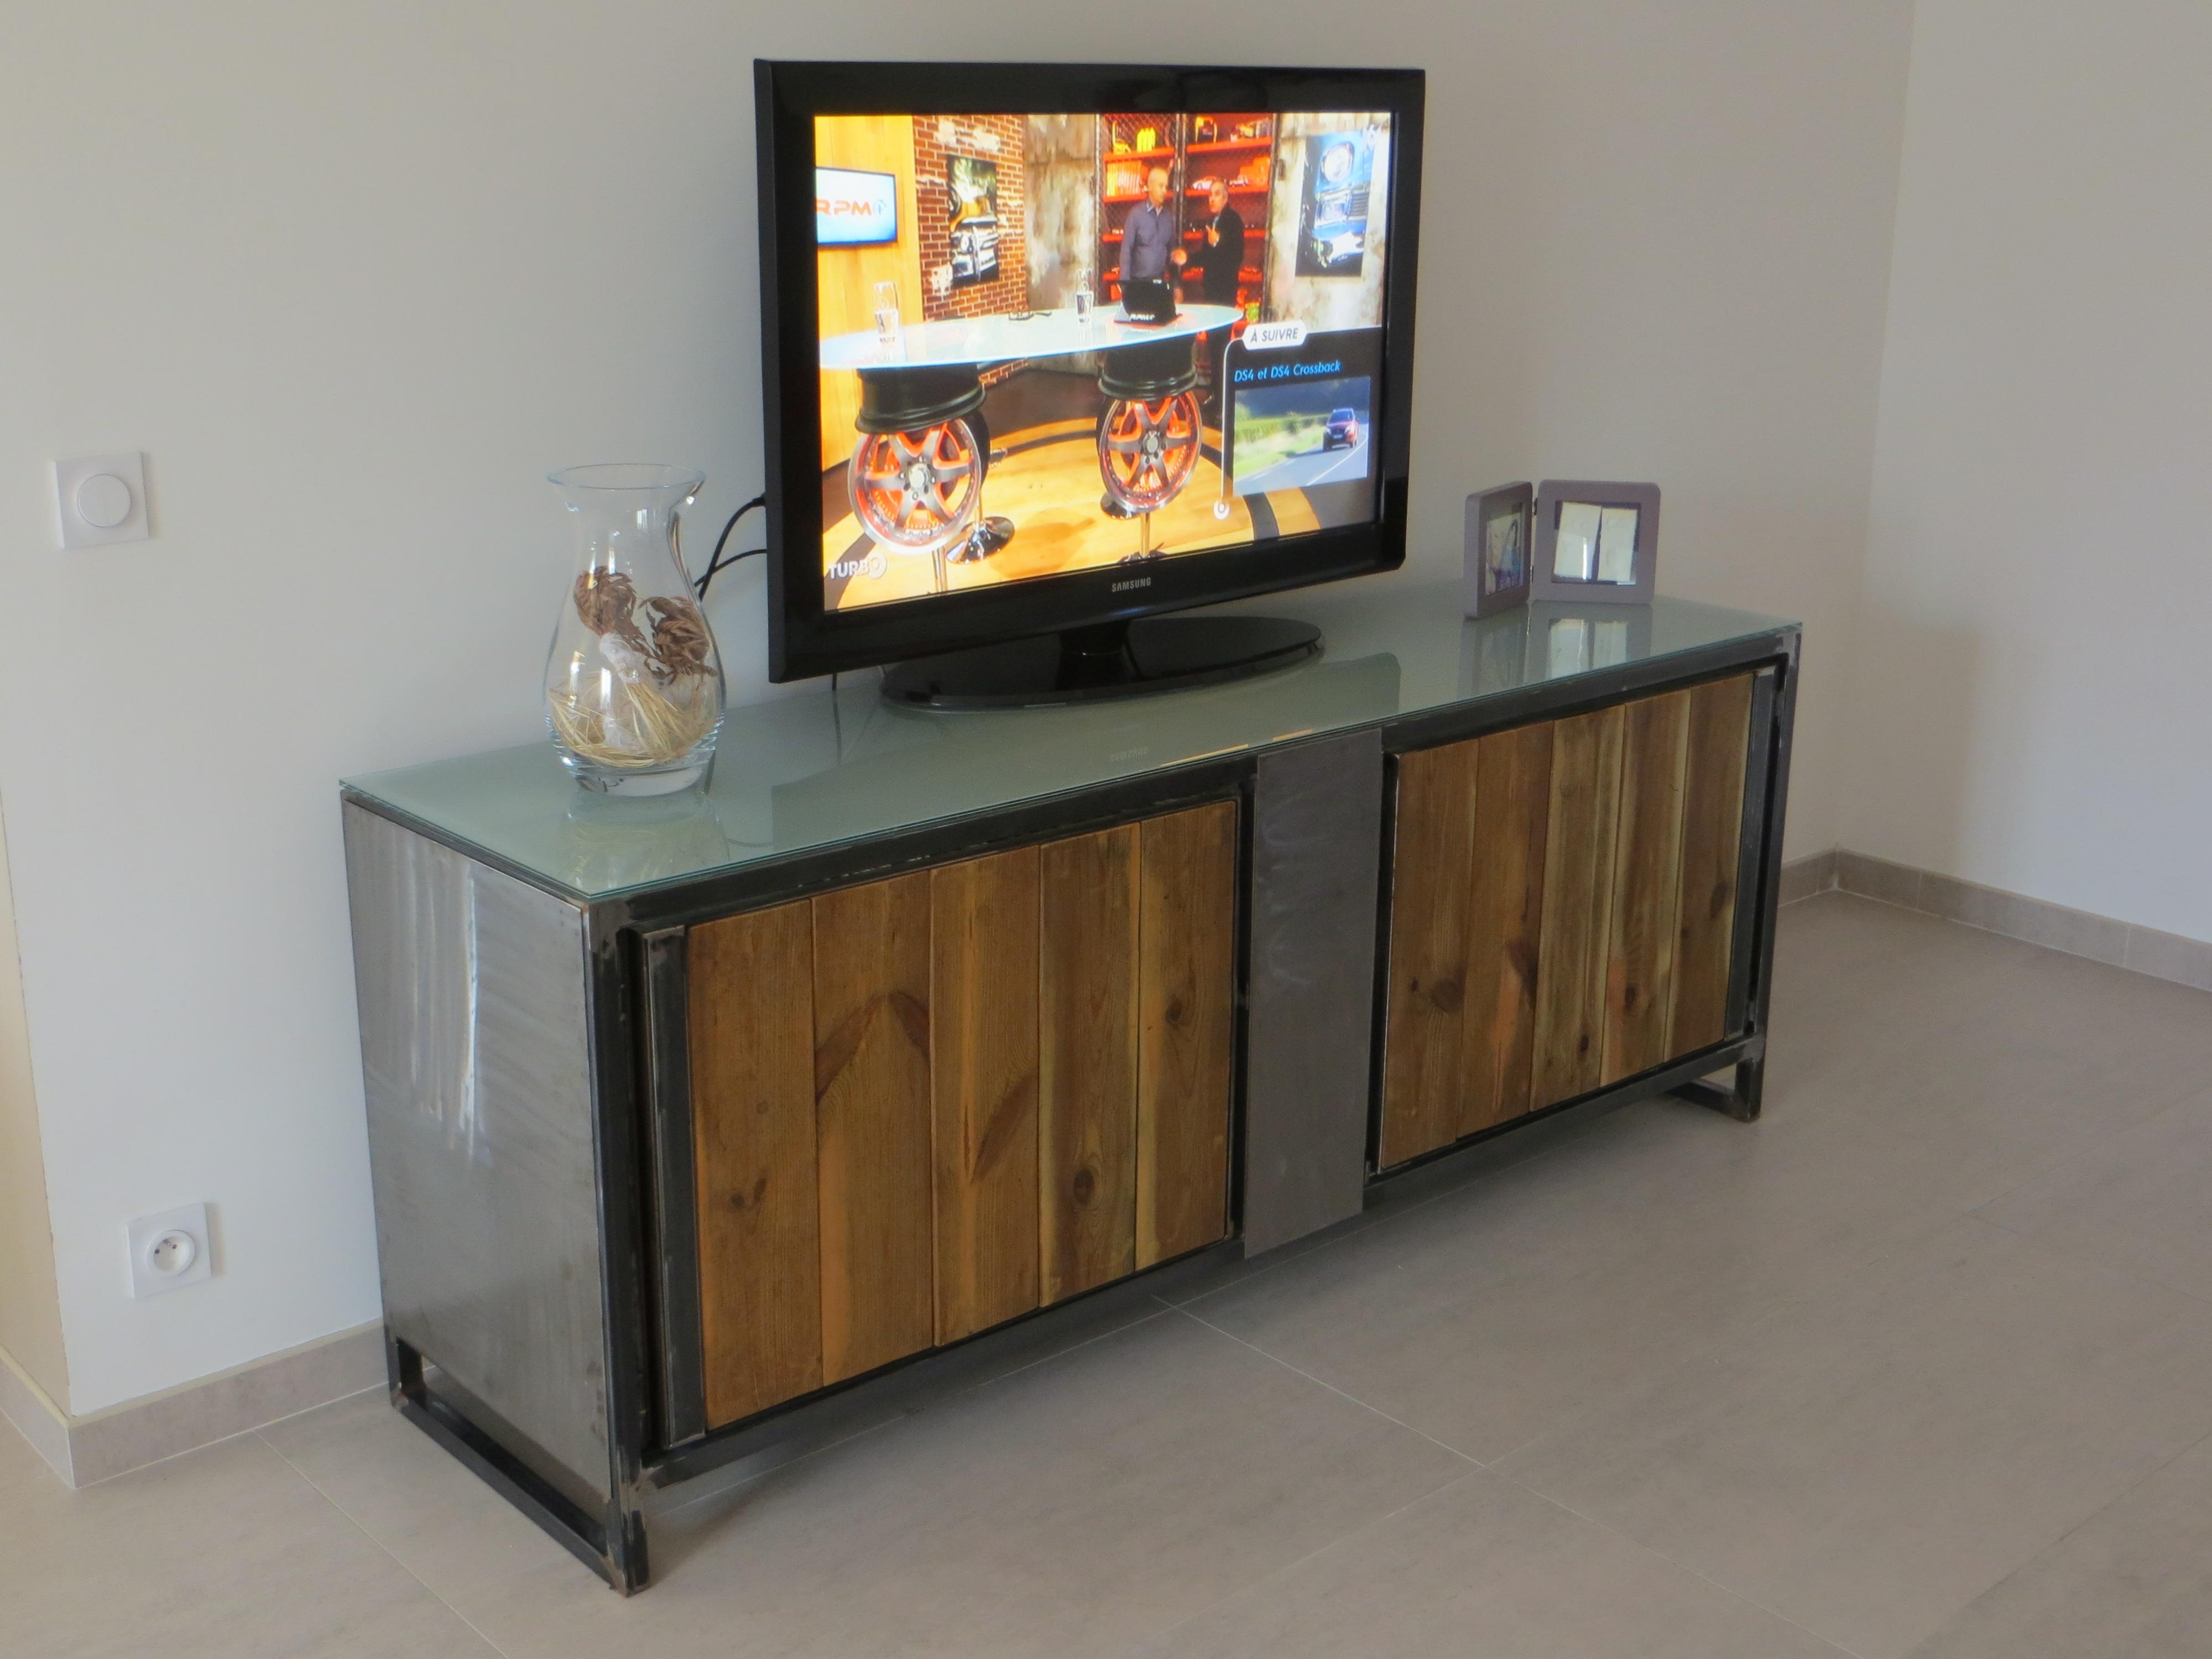 Meuble tv en fer bois et verre sfc ferr art - Meuble tv verre et bois ...